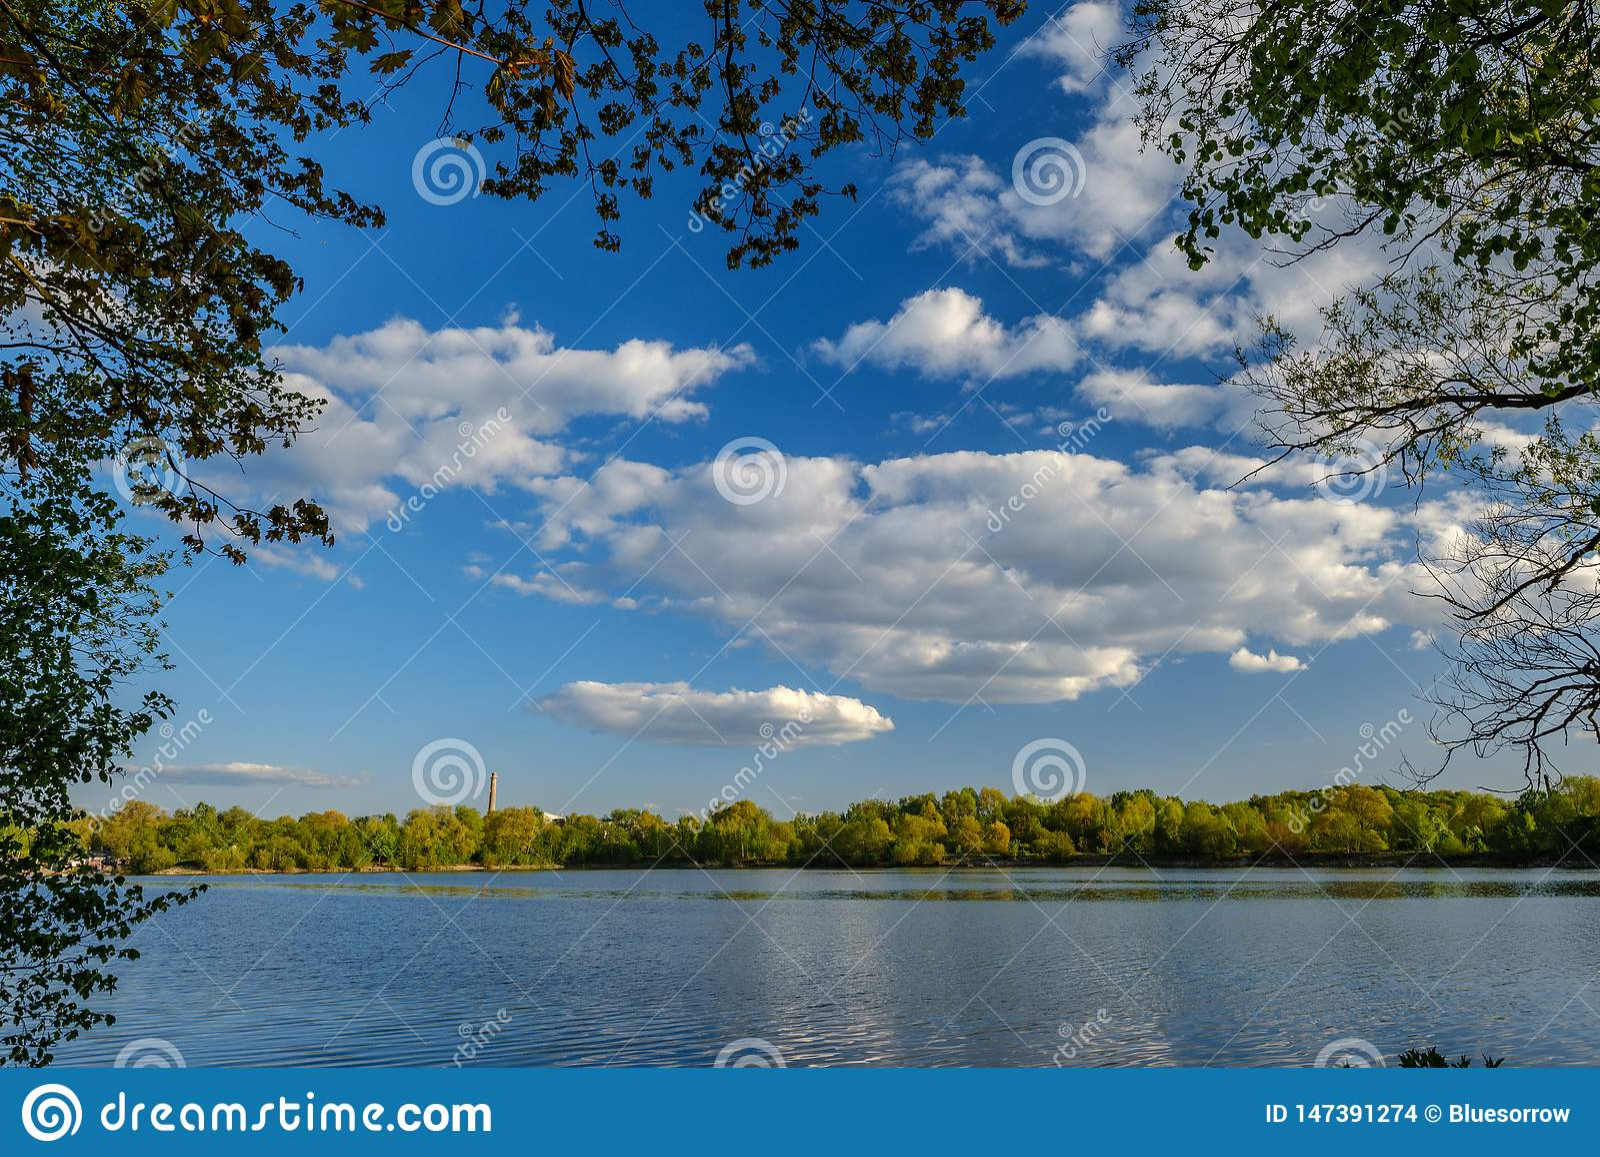 Zonnige de zomerdag door het meer met blauw water en witte wolken in de hemel